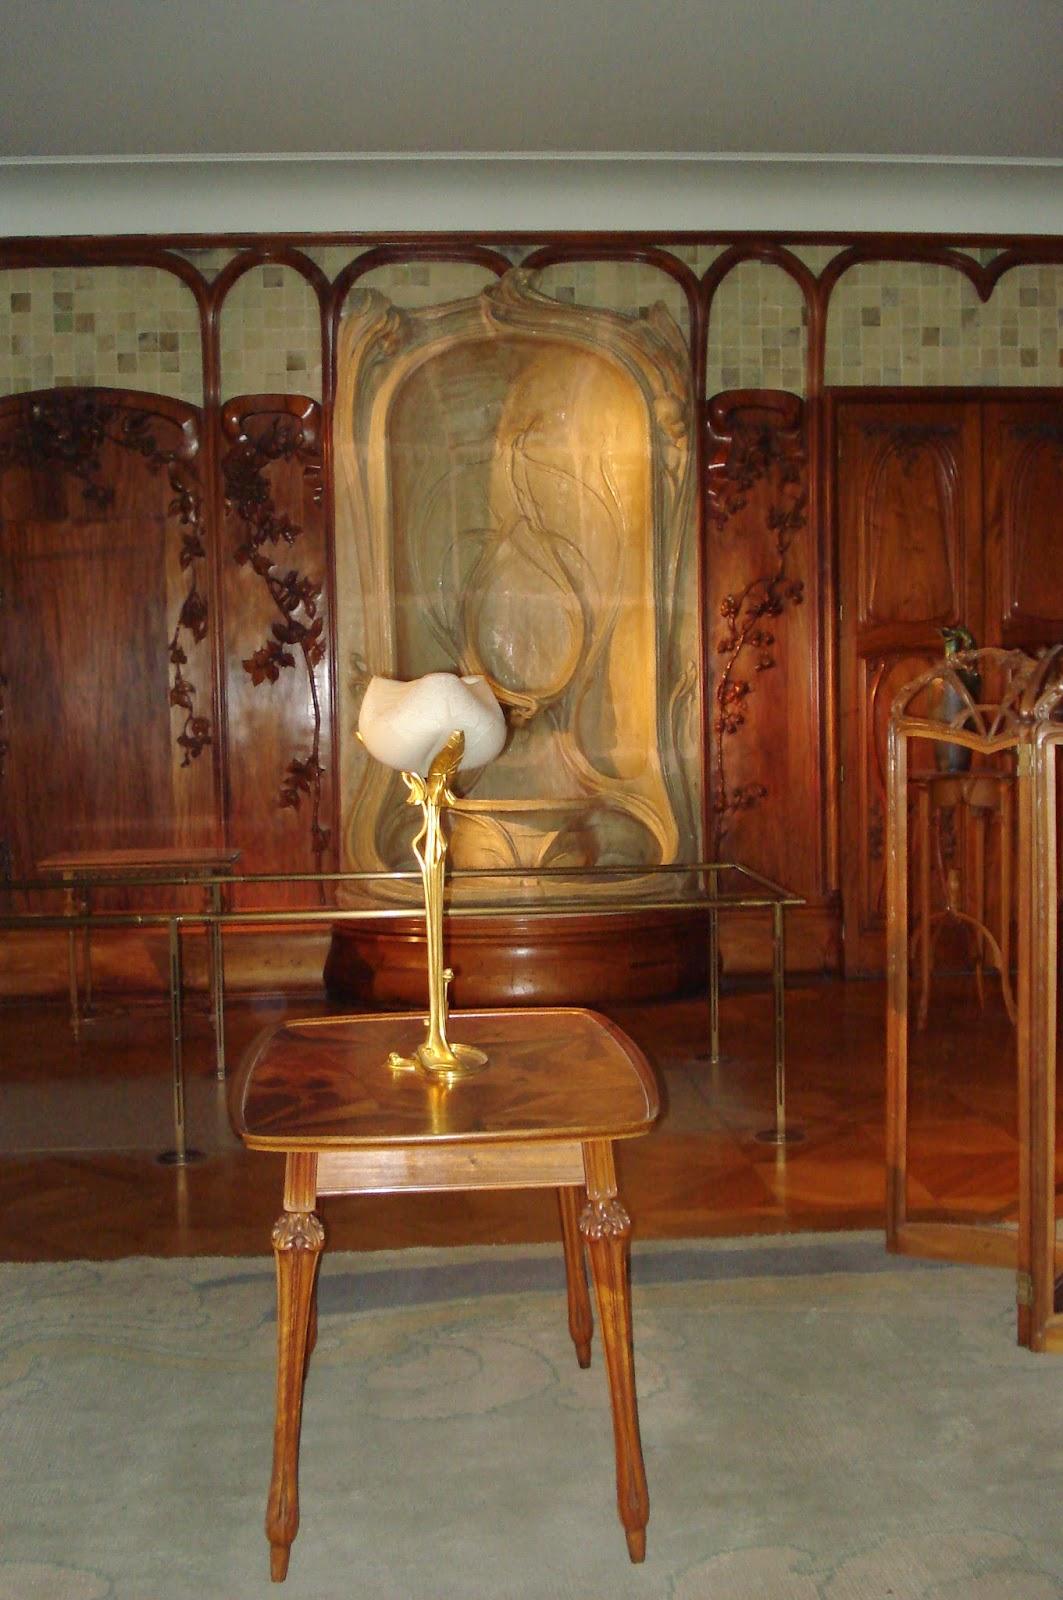 paris on th me l 39 art nouveau travers les arts d coratifs o voir de l 39 art nouveau paris. Black Bedroom Furniture Sets. Home Design Ideas